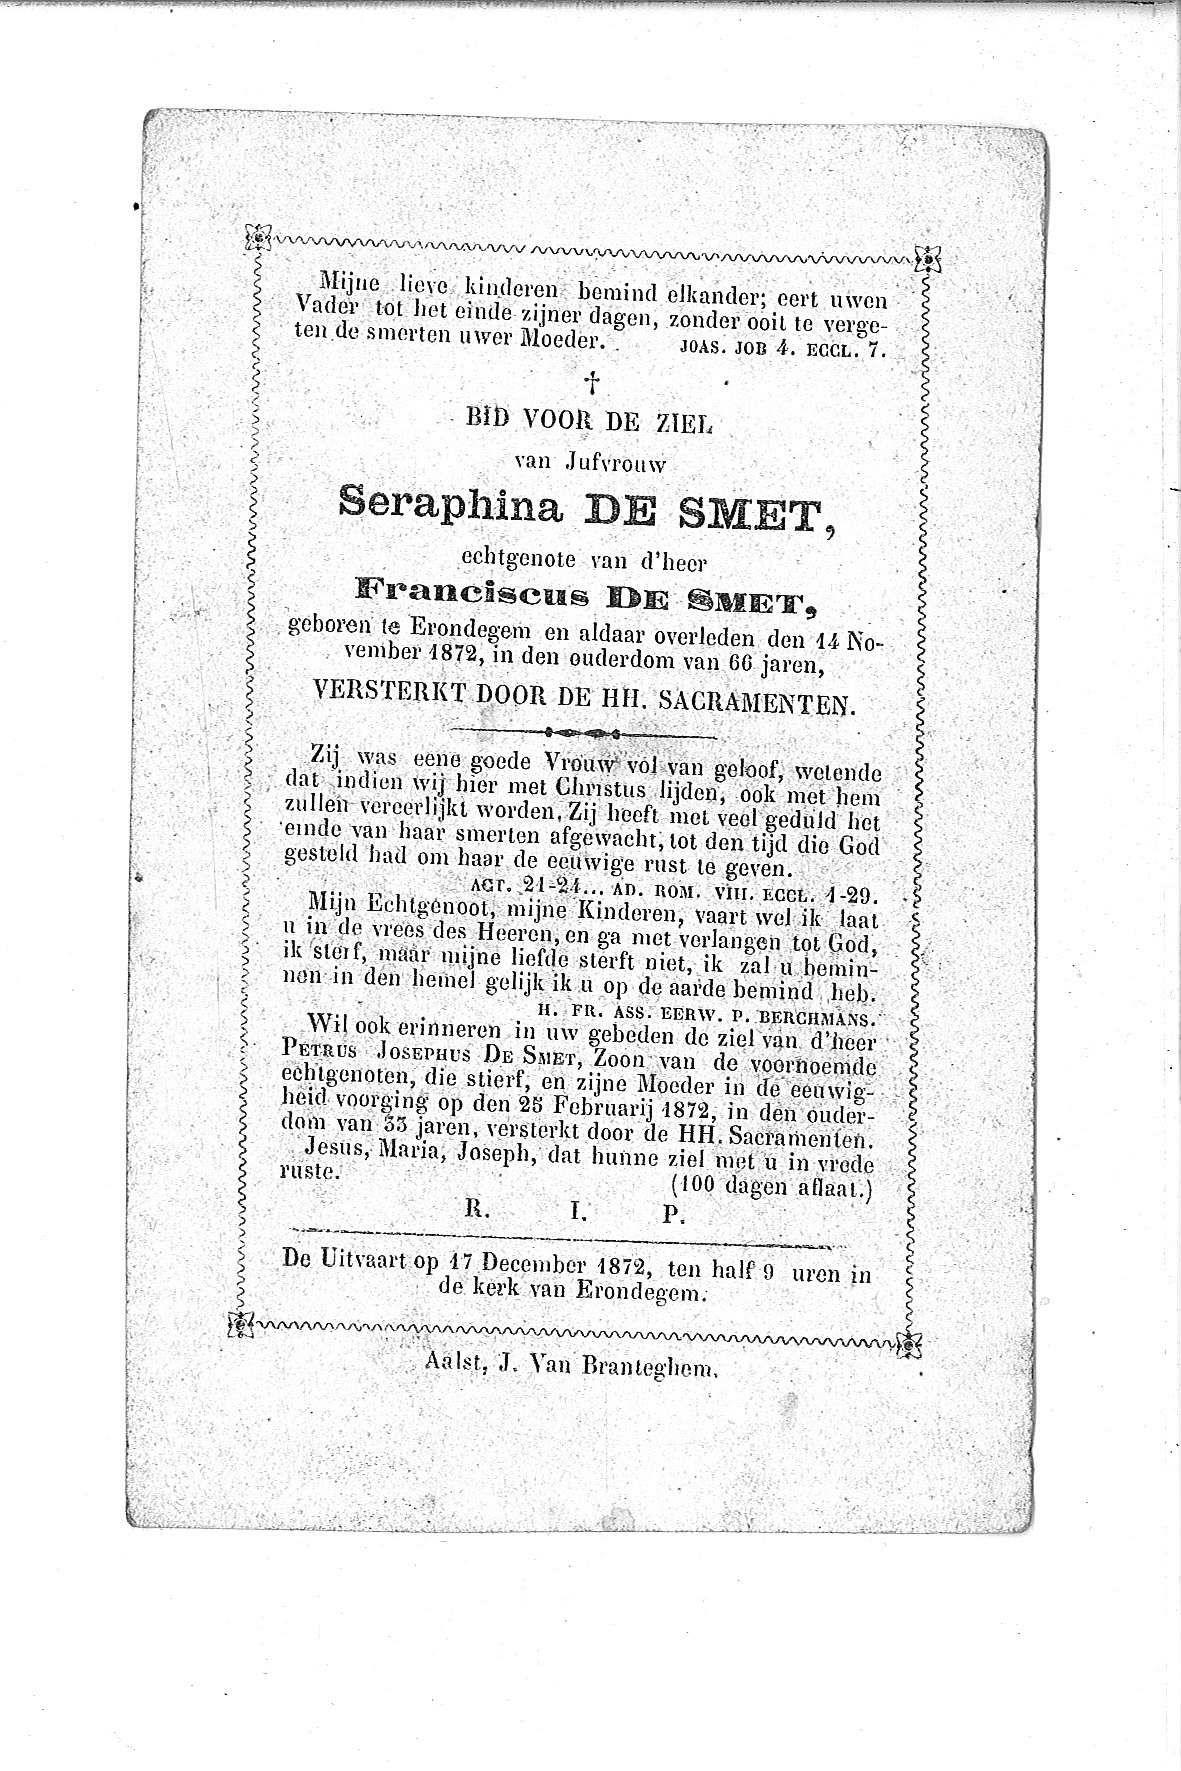 Seraphina (1872) 20120507151559_00154.jpg